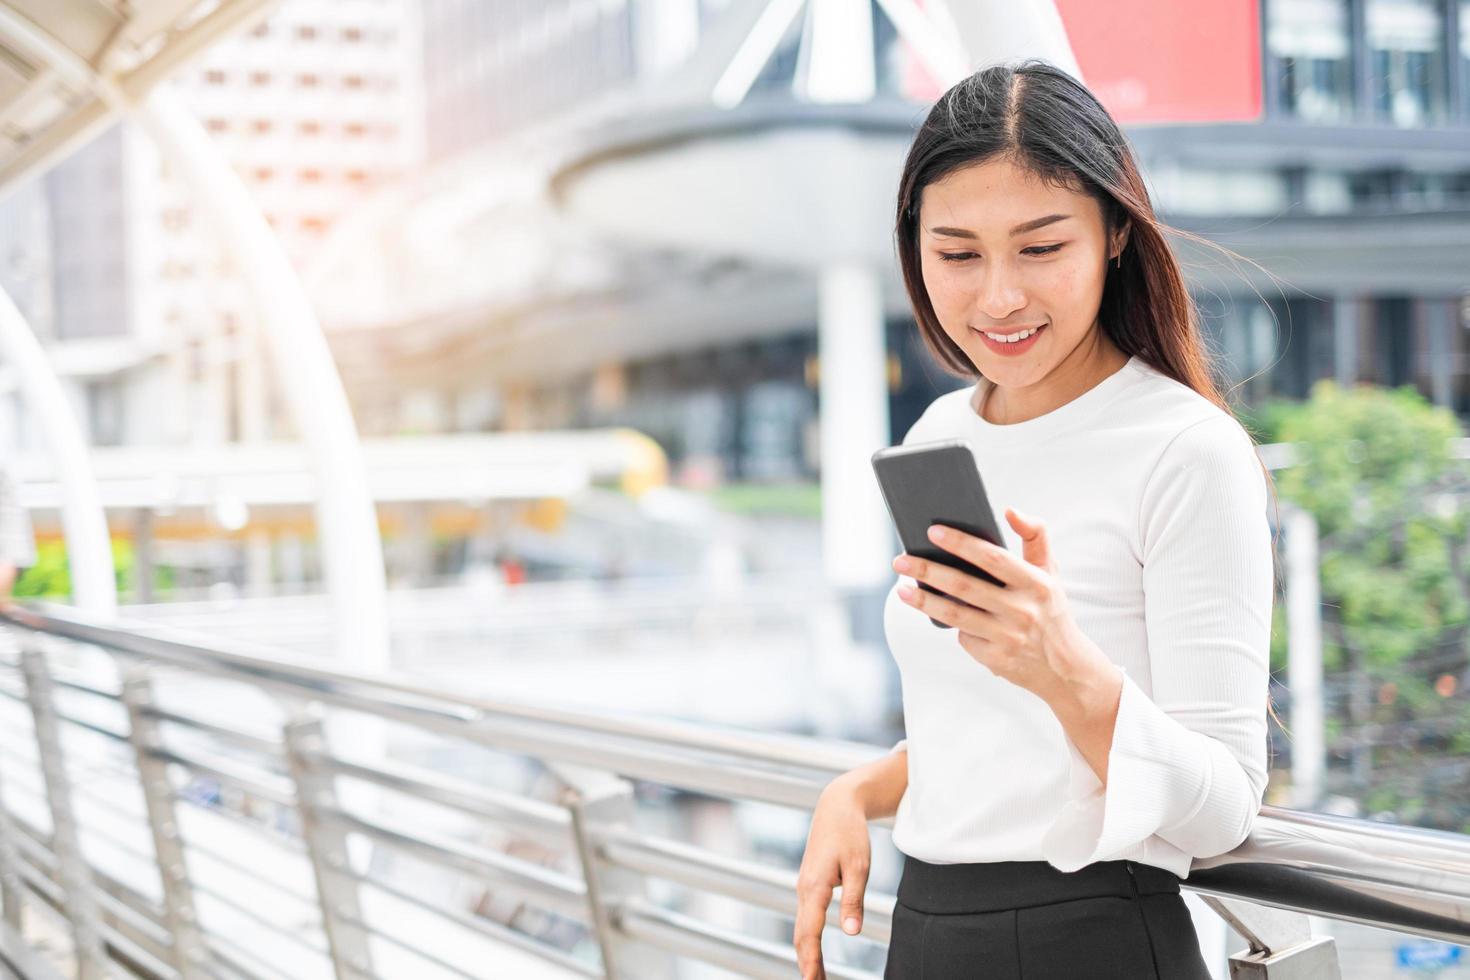 porträtt av asiatisk kvinna med smartphone foto